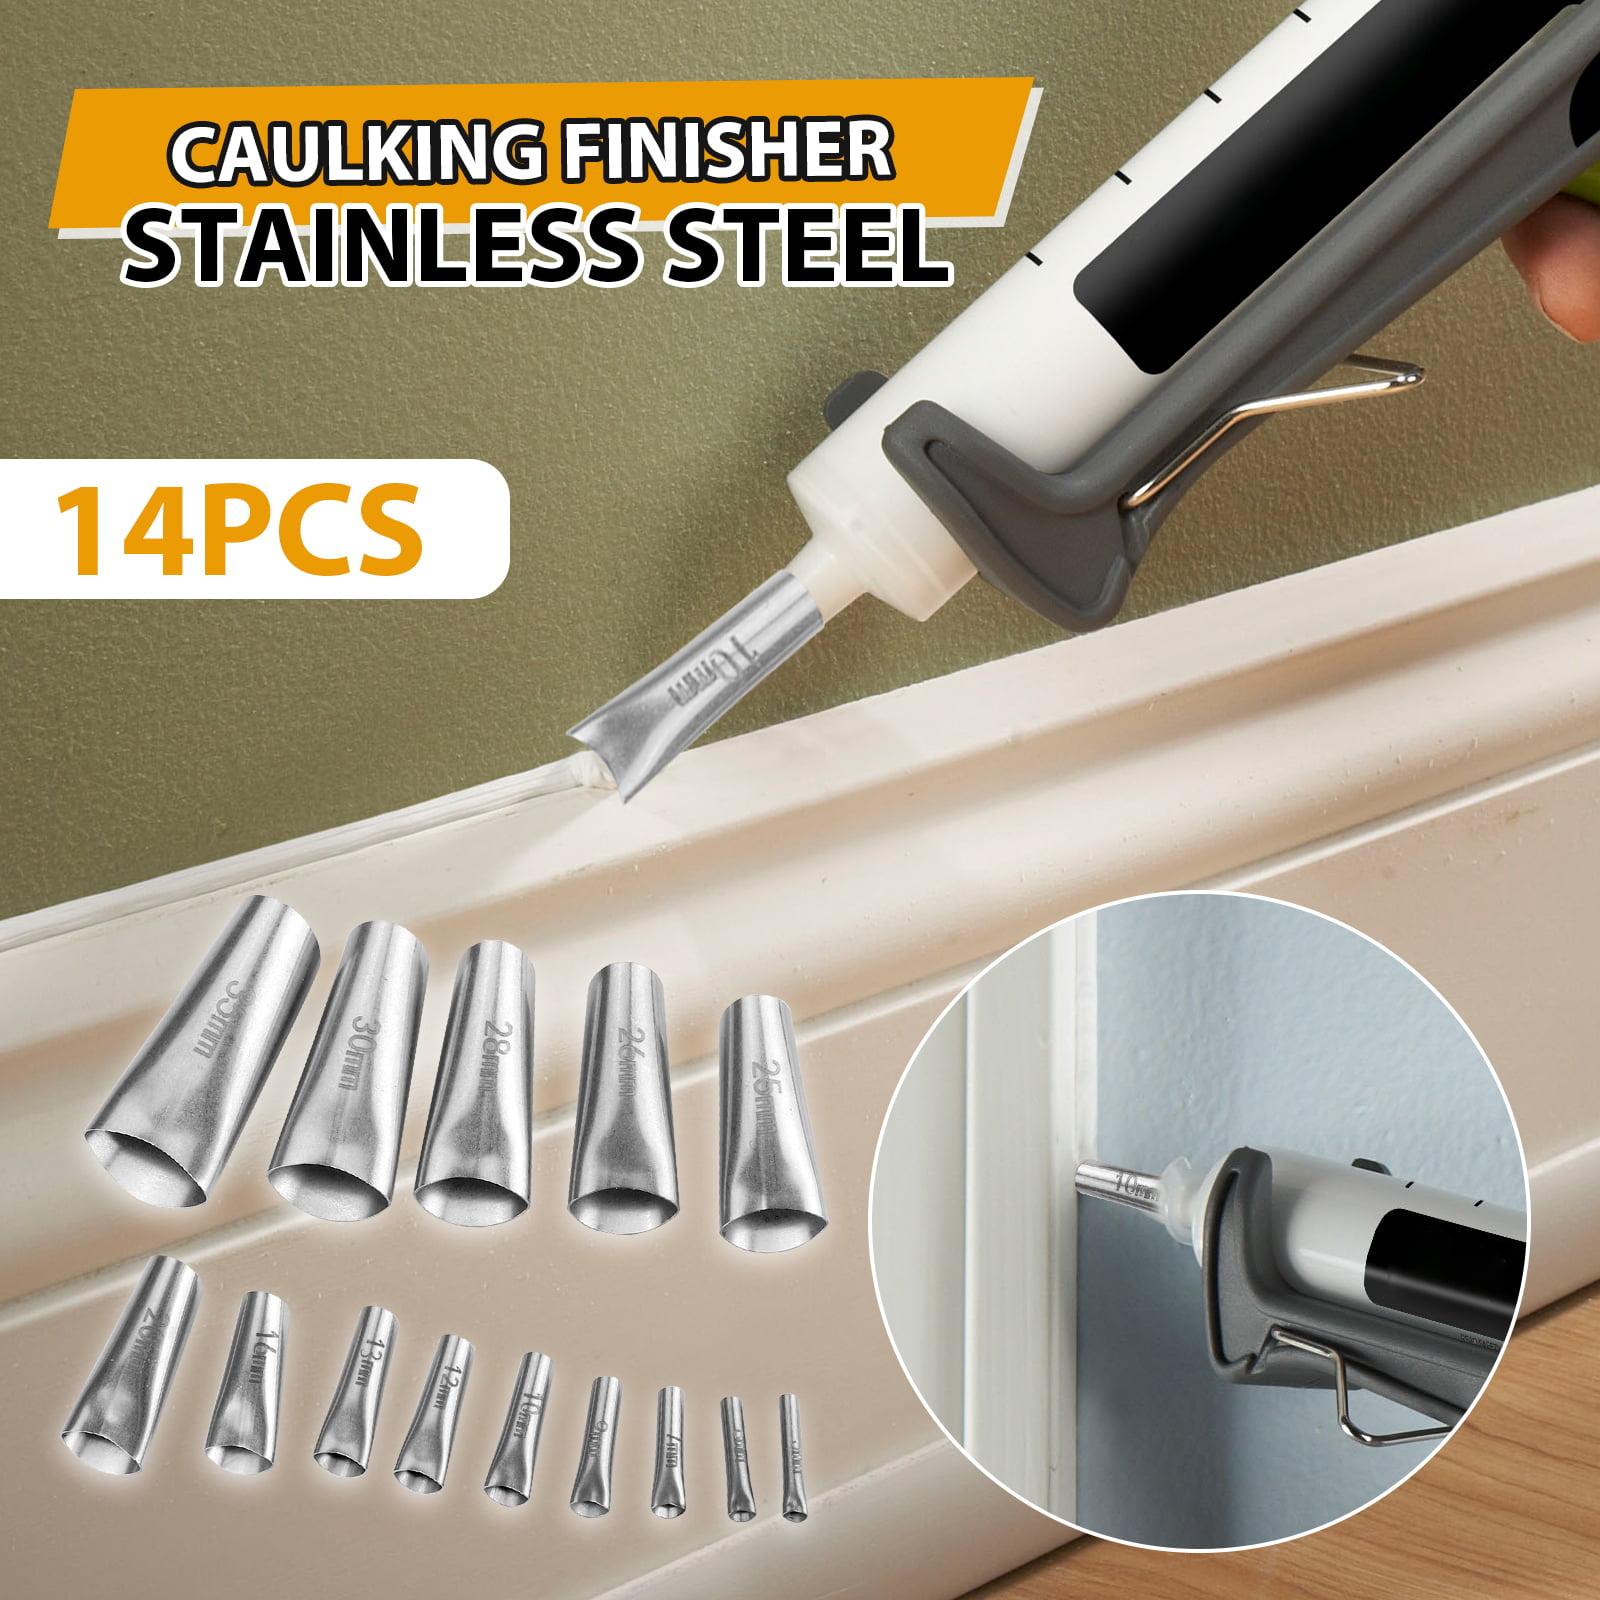 TSV 14PCS Caulking Finisher Kit, Caulk Nozzle Applicator ...